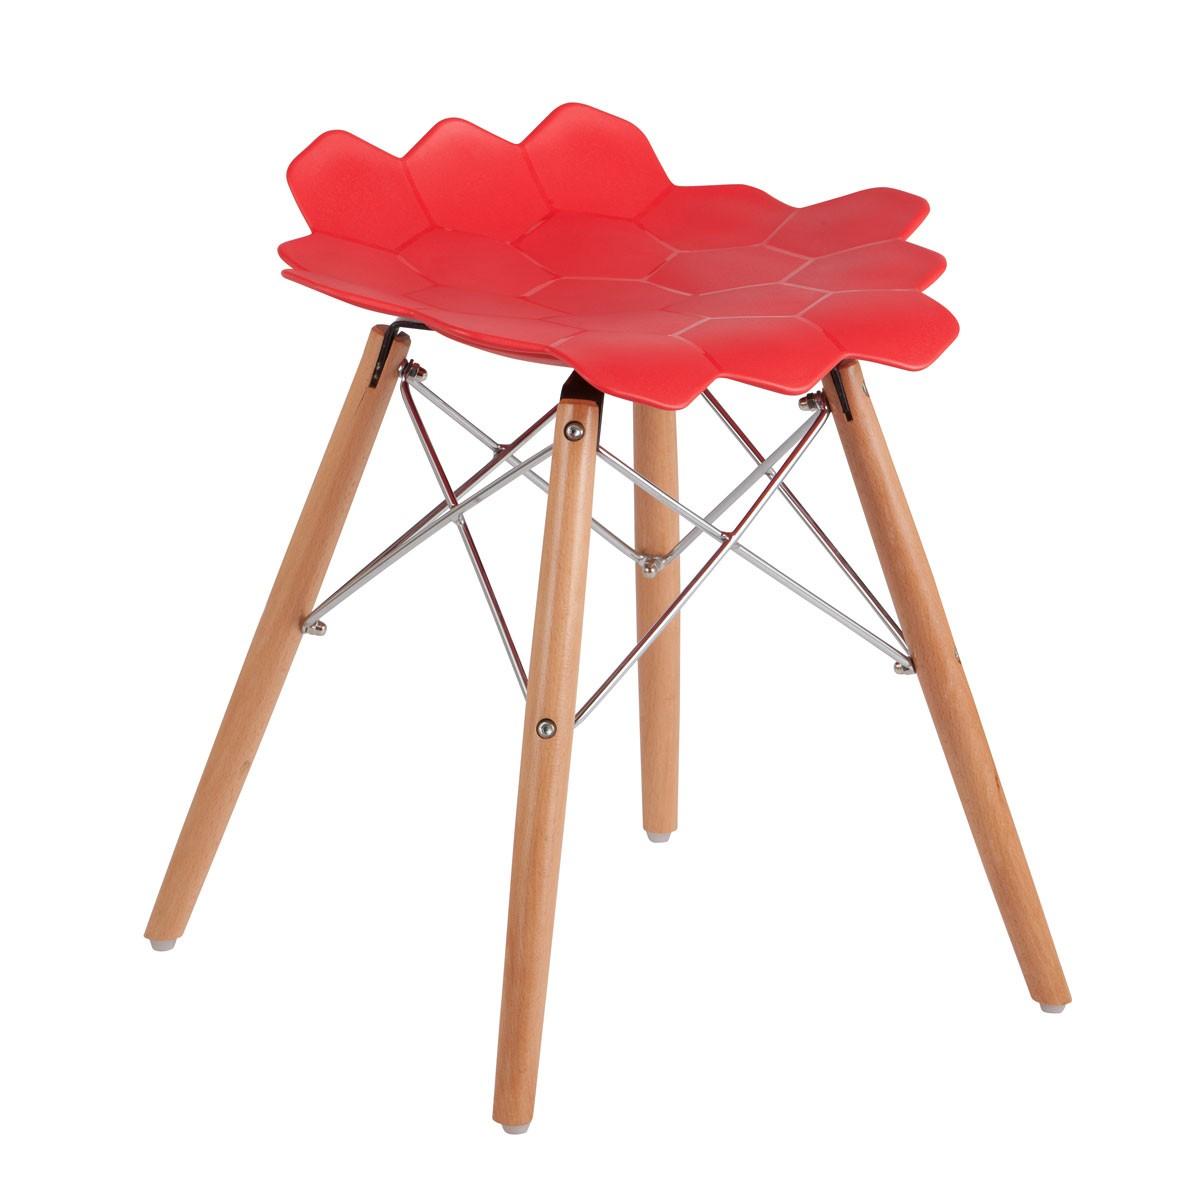 Chaise plastique en rouge avec 4 pieds bois ymg 9211 1 for Chaise bois rouge